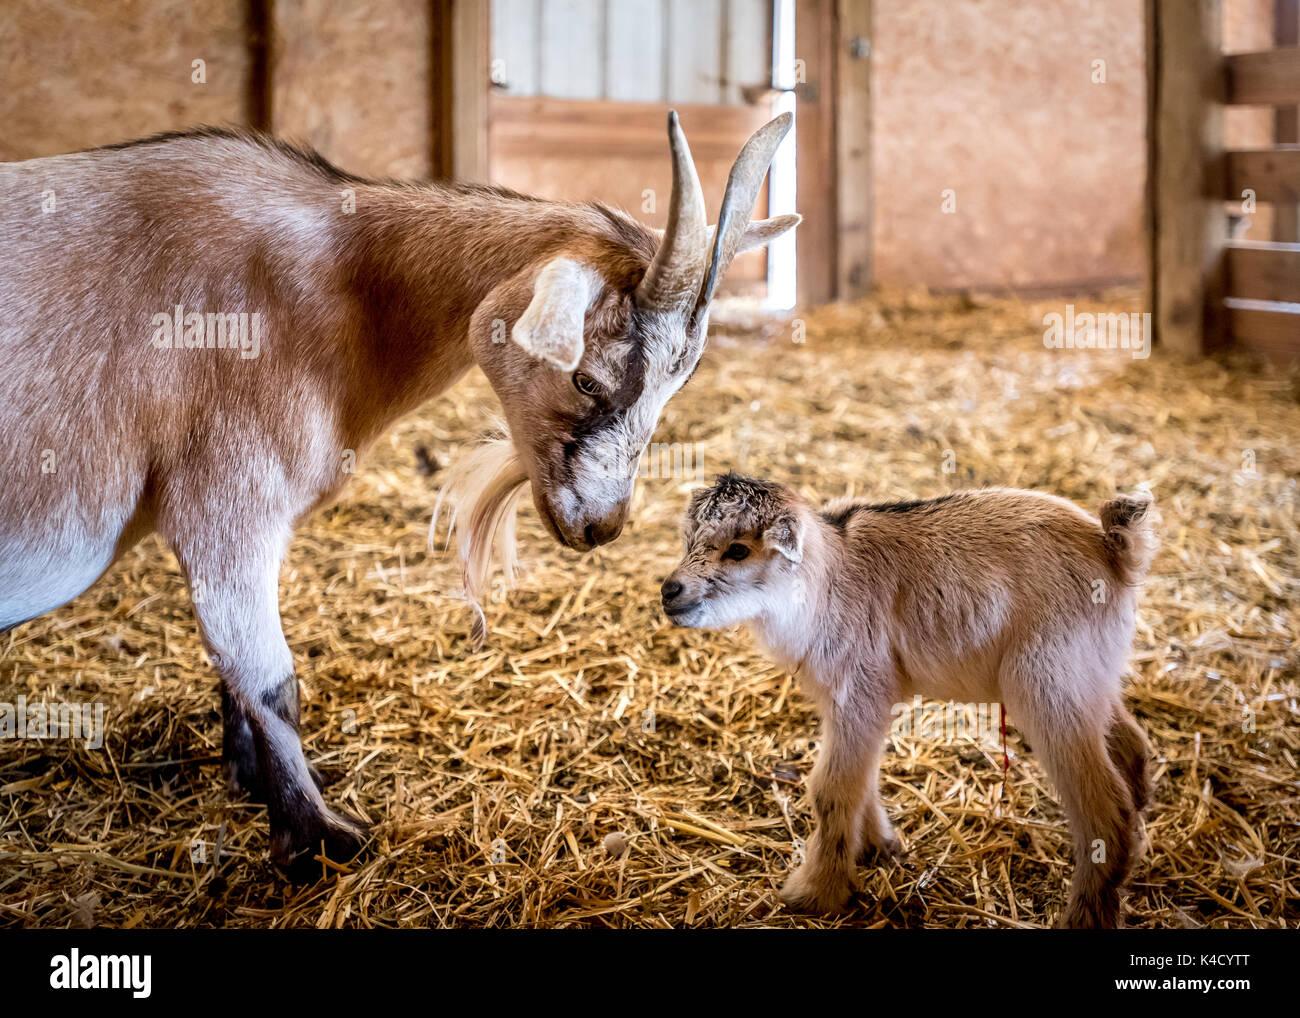 Un regard d'amour de mère nanny goat pour nouveau-né de la chèvre, de cordon ombilical encore visibles, les premiers pas dans la grange dans l'Oregon est Willamette Valley. Photo Stock